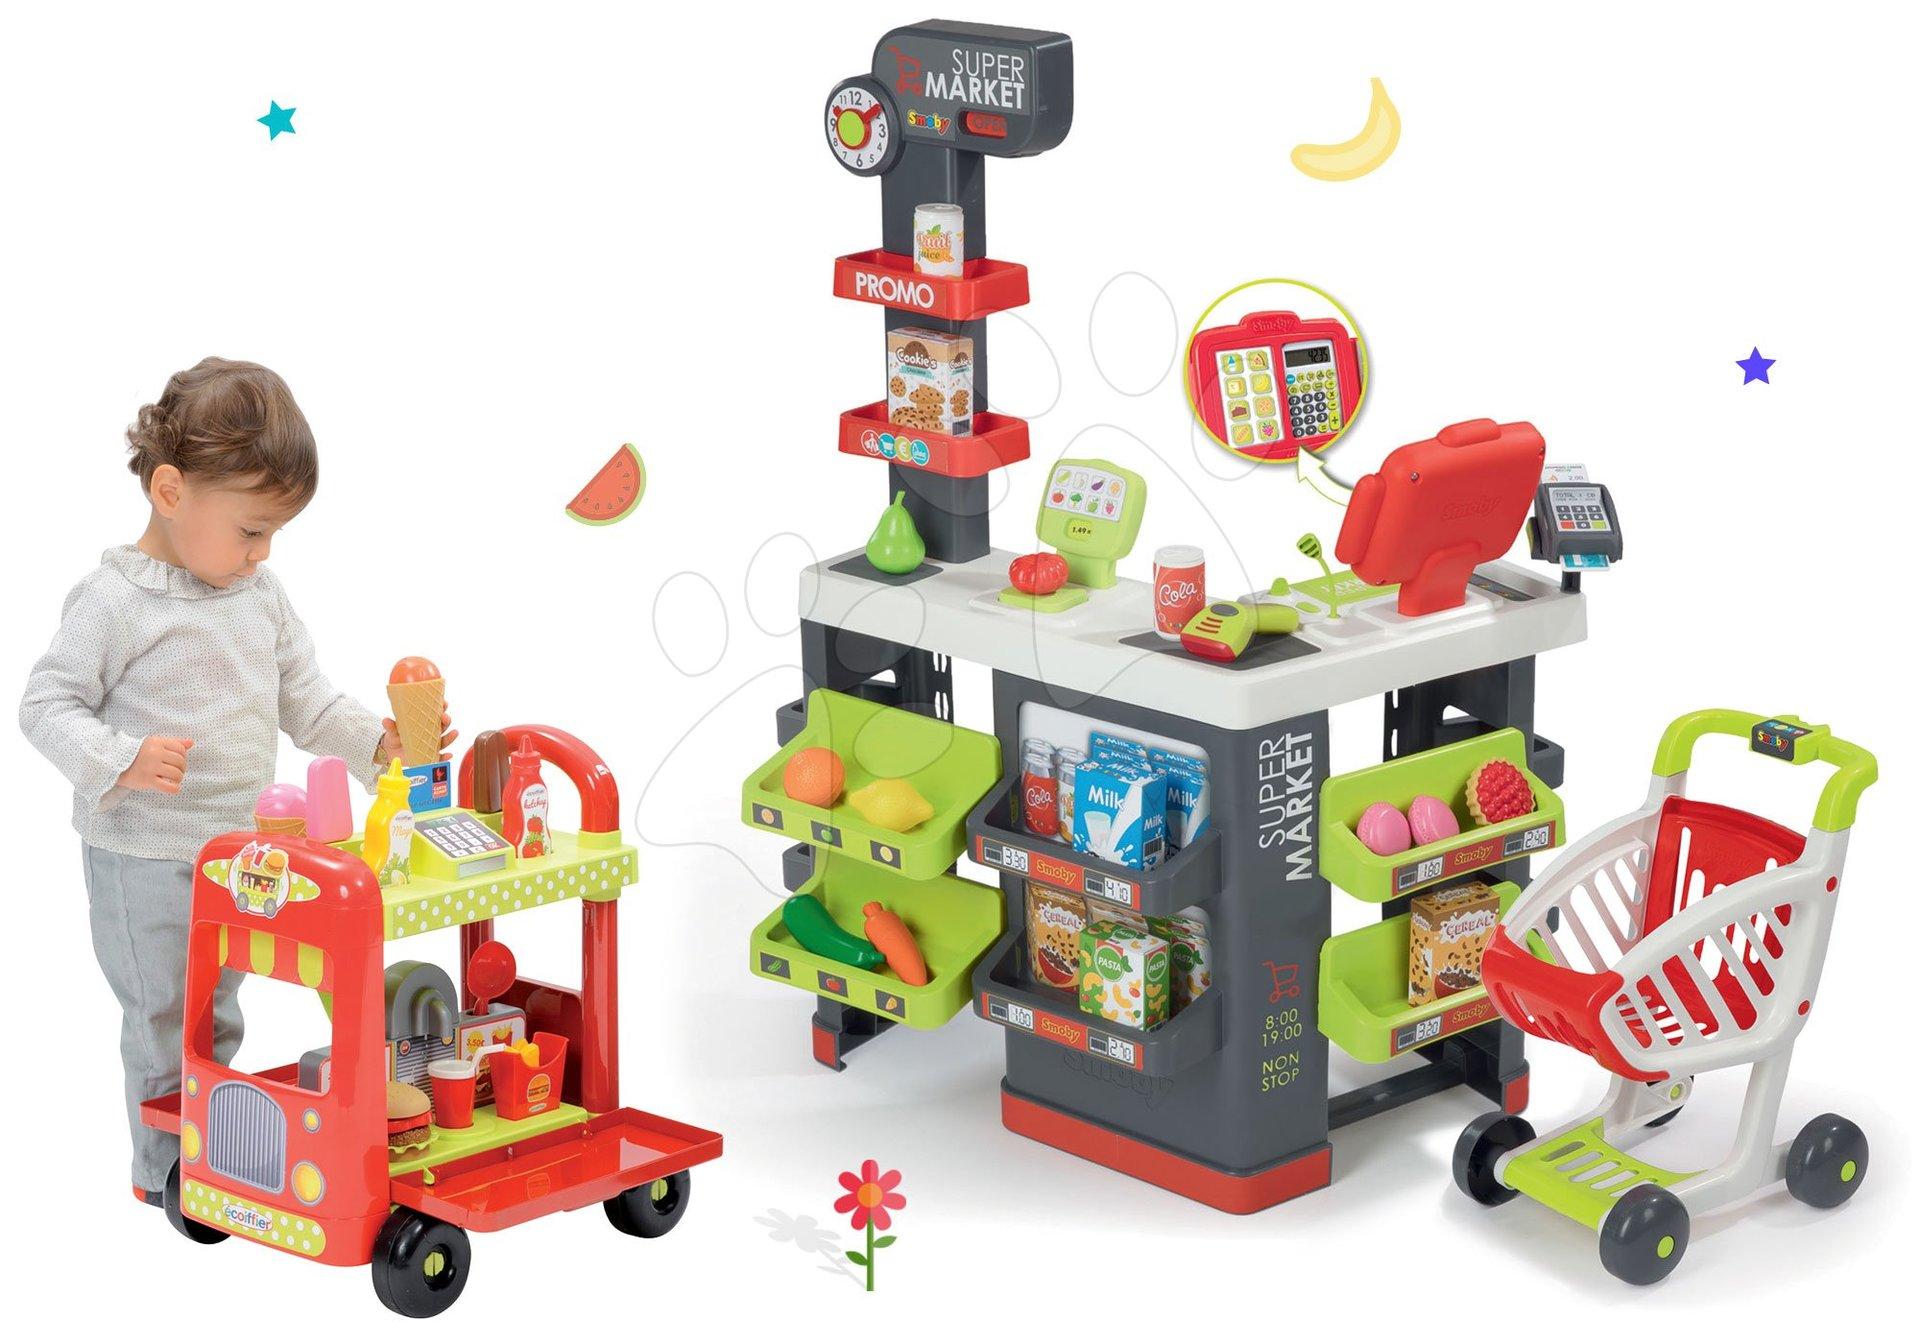 Trgovine kompleti - Komplet trgovina z vozičkom Supermarket Smoby in sladoledarski voziček s hamburgerji